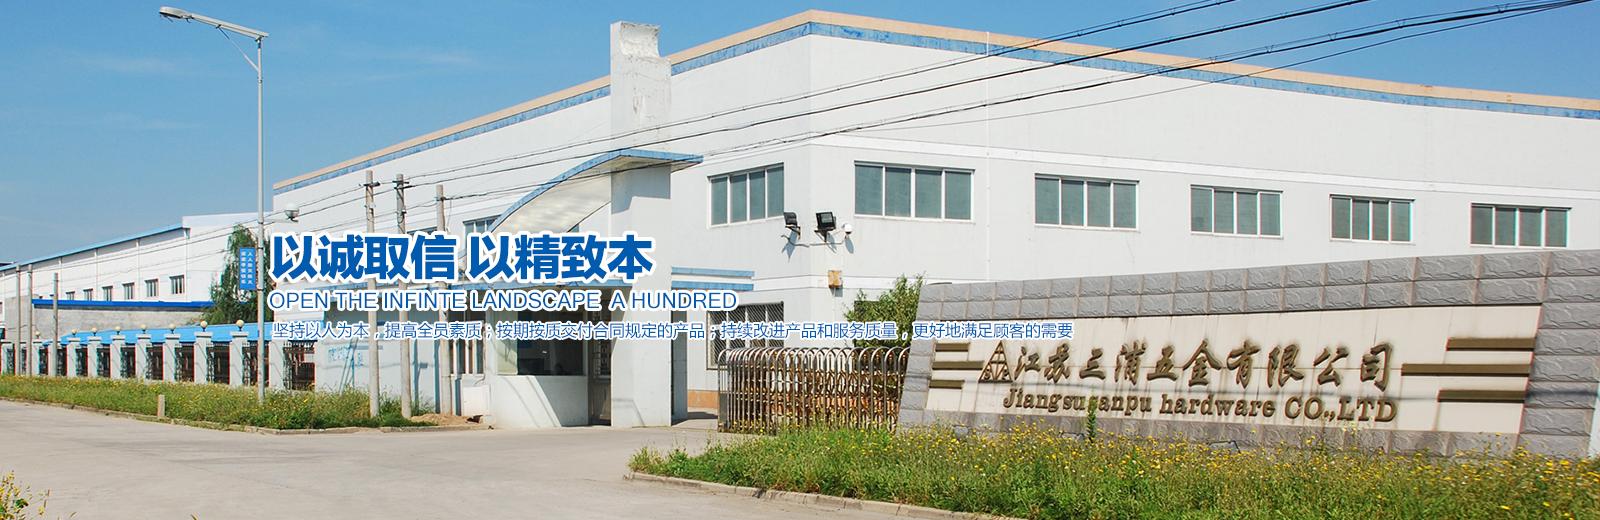 江苏三浦五金有限公司